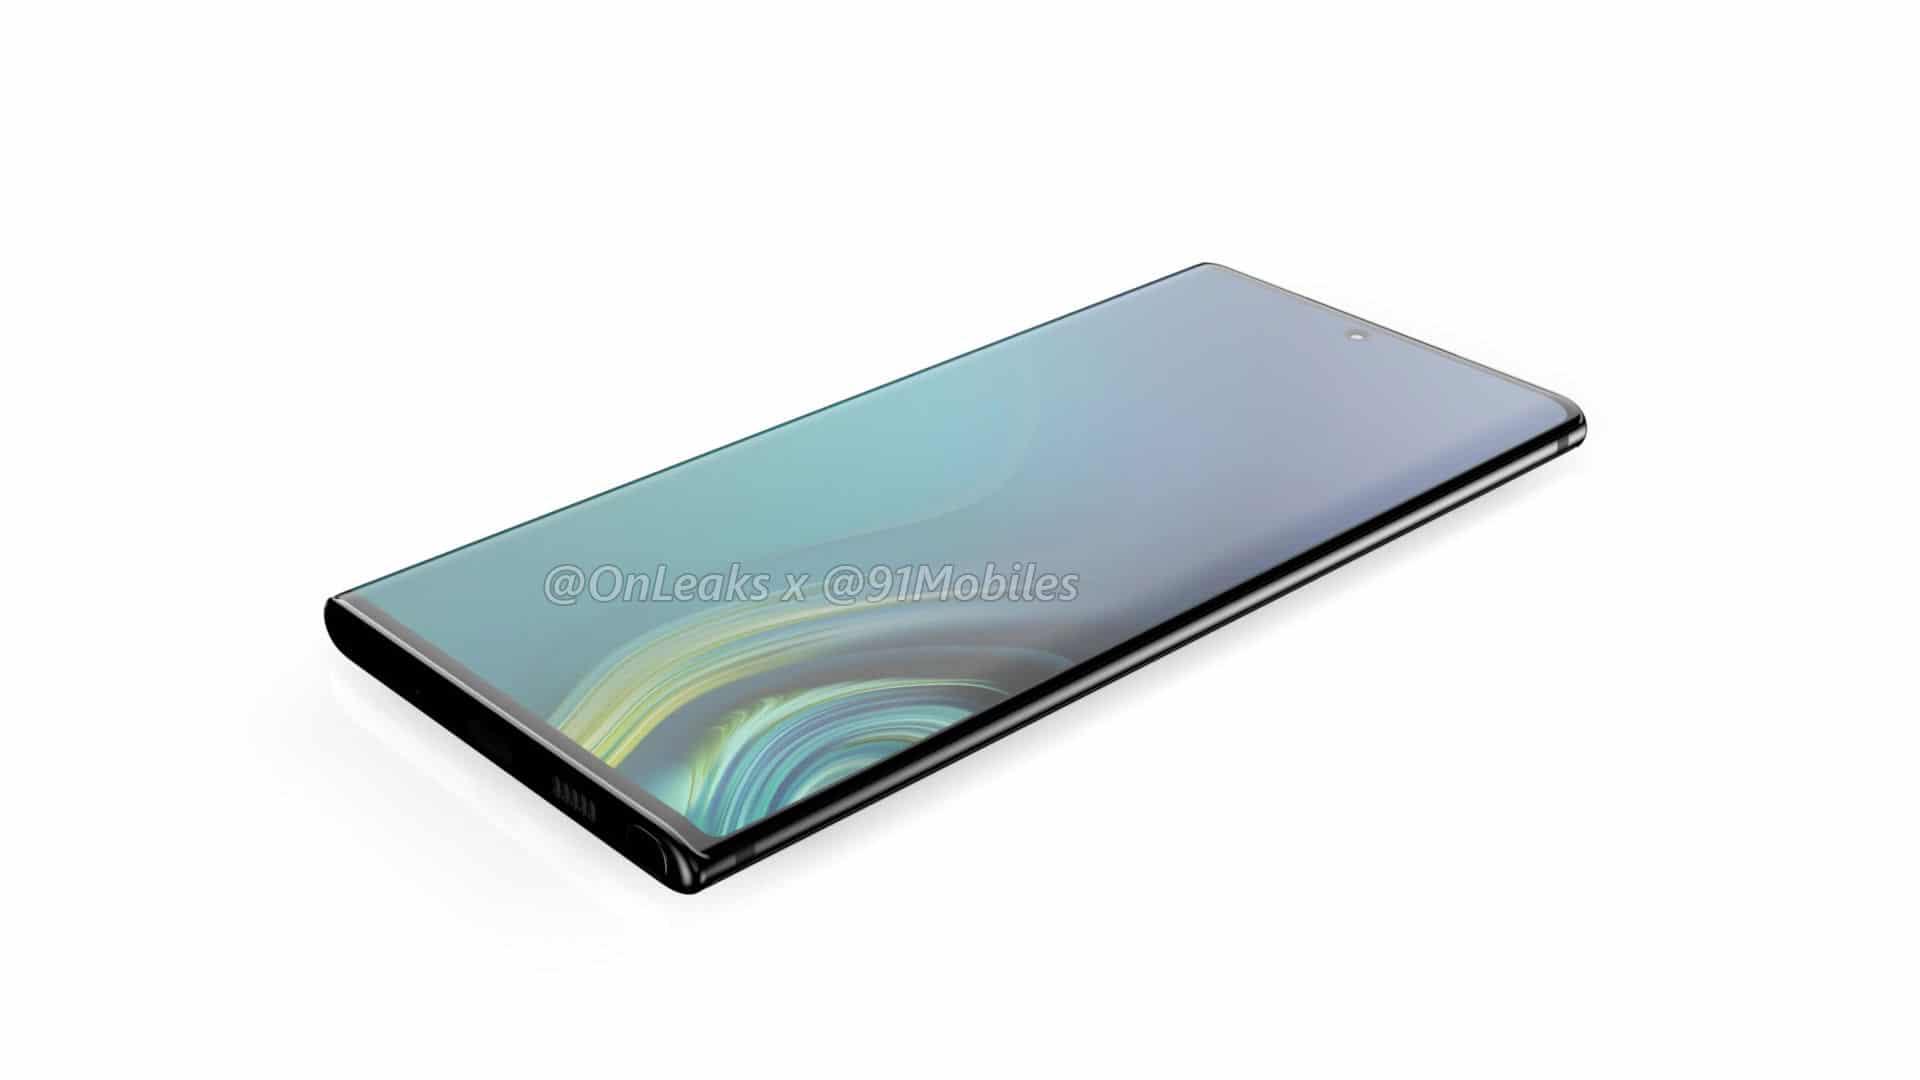 หลุดข้อมูล Samsung Galaxy Note 10 ย้ายกล้องหลังไว้ด้านข้าง แล้วย้ายกล้องหน้ามาตรงกลาง 5